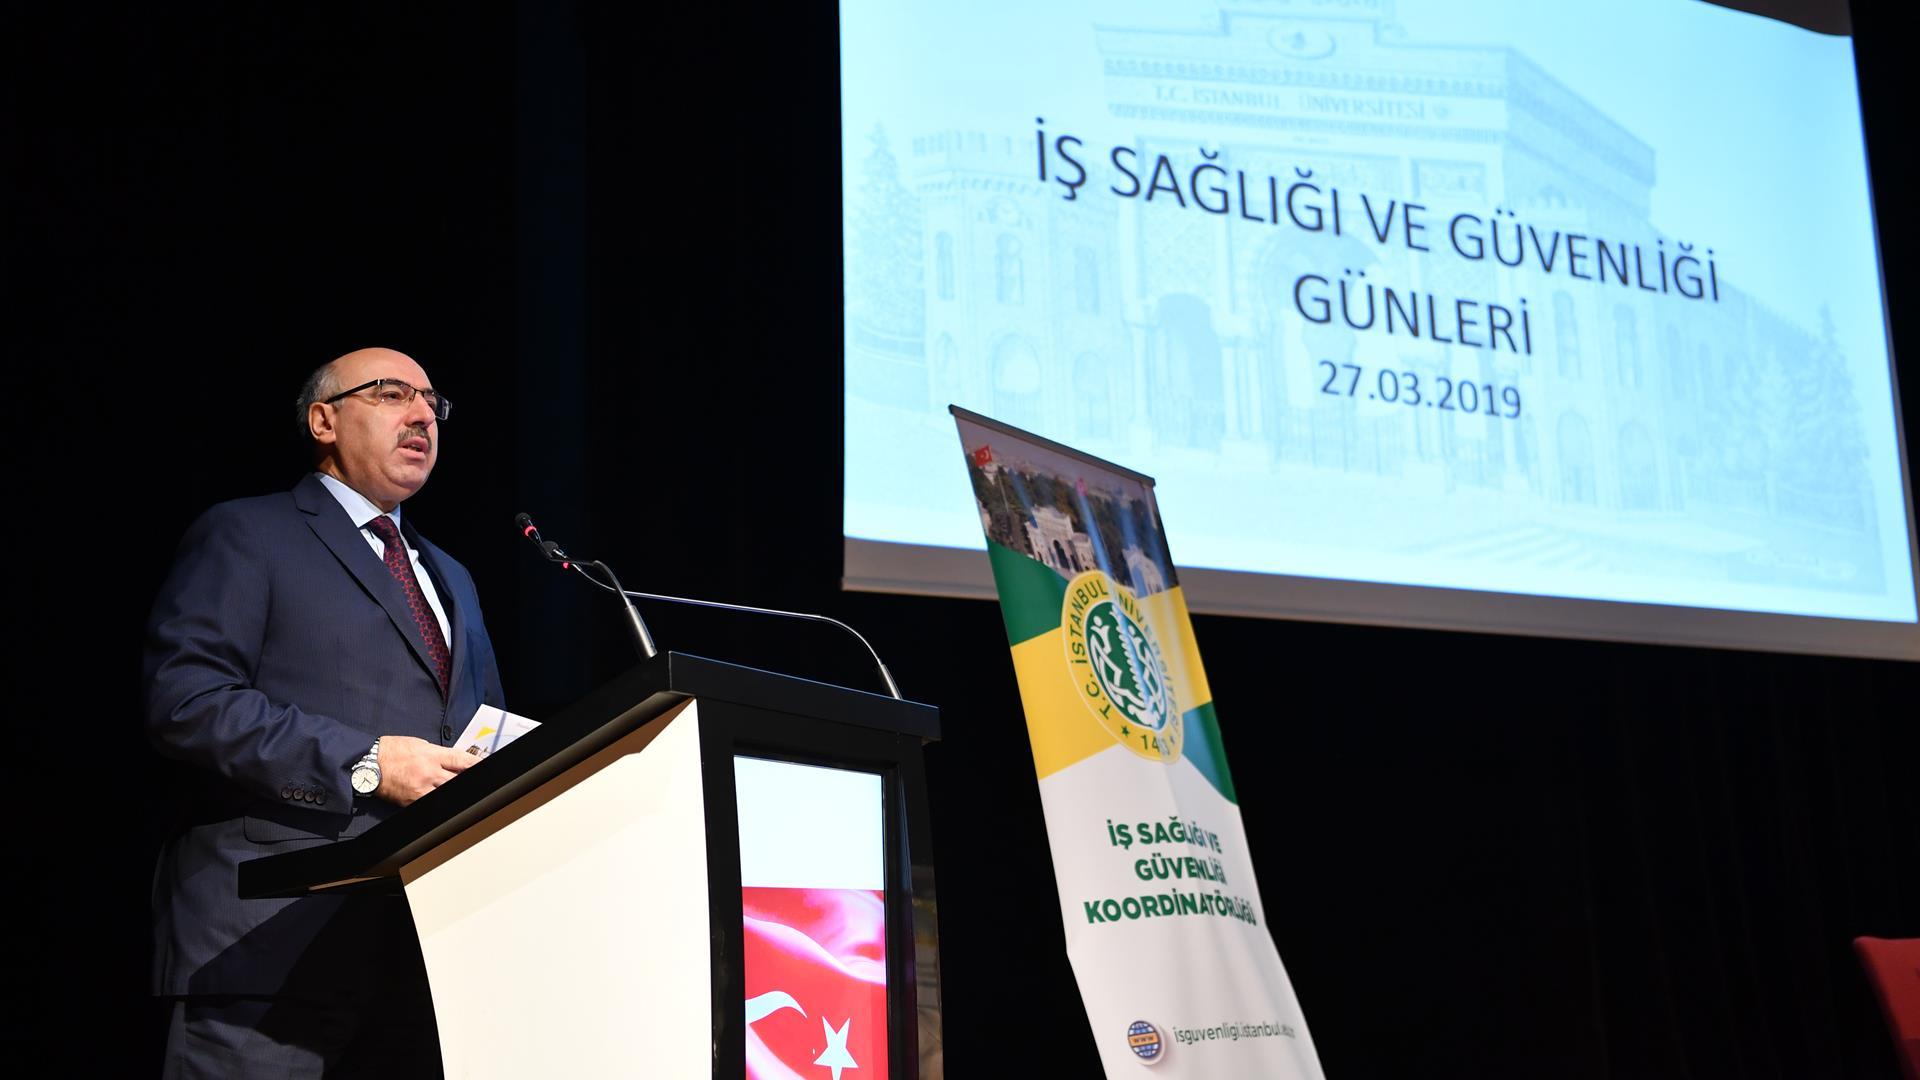 İş-Sağlığı-ve-Güvenliği-Günleri-Programı-İstanbul-Üniversitesi'nde-Gerçekleştirildi